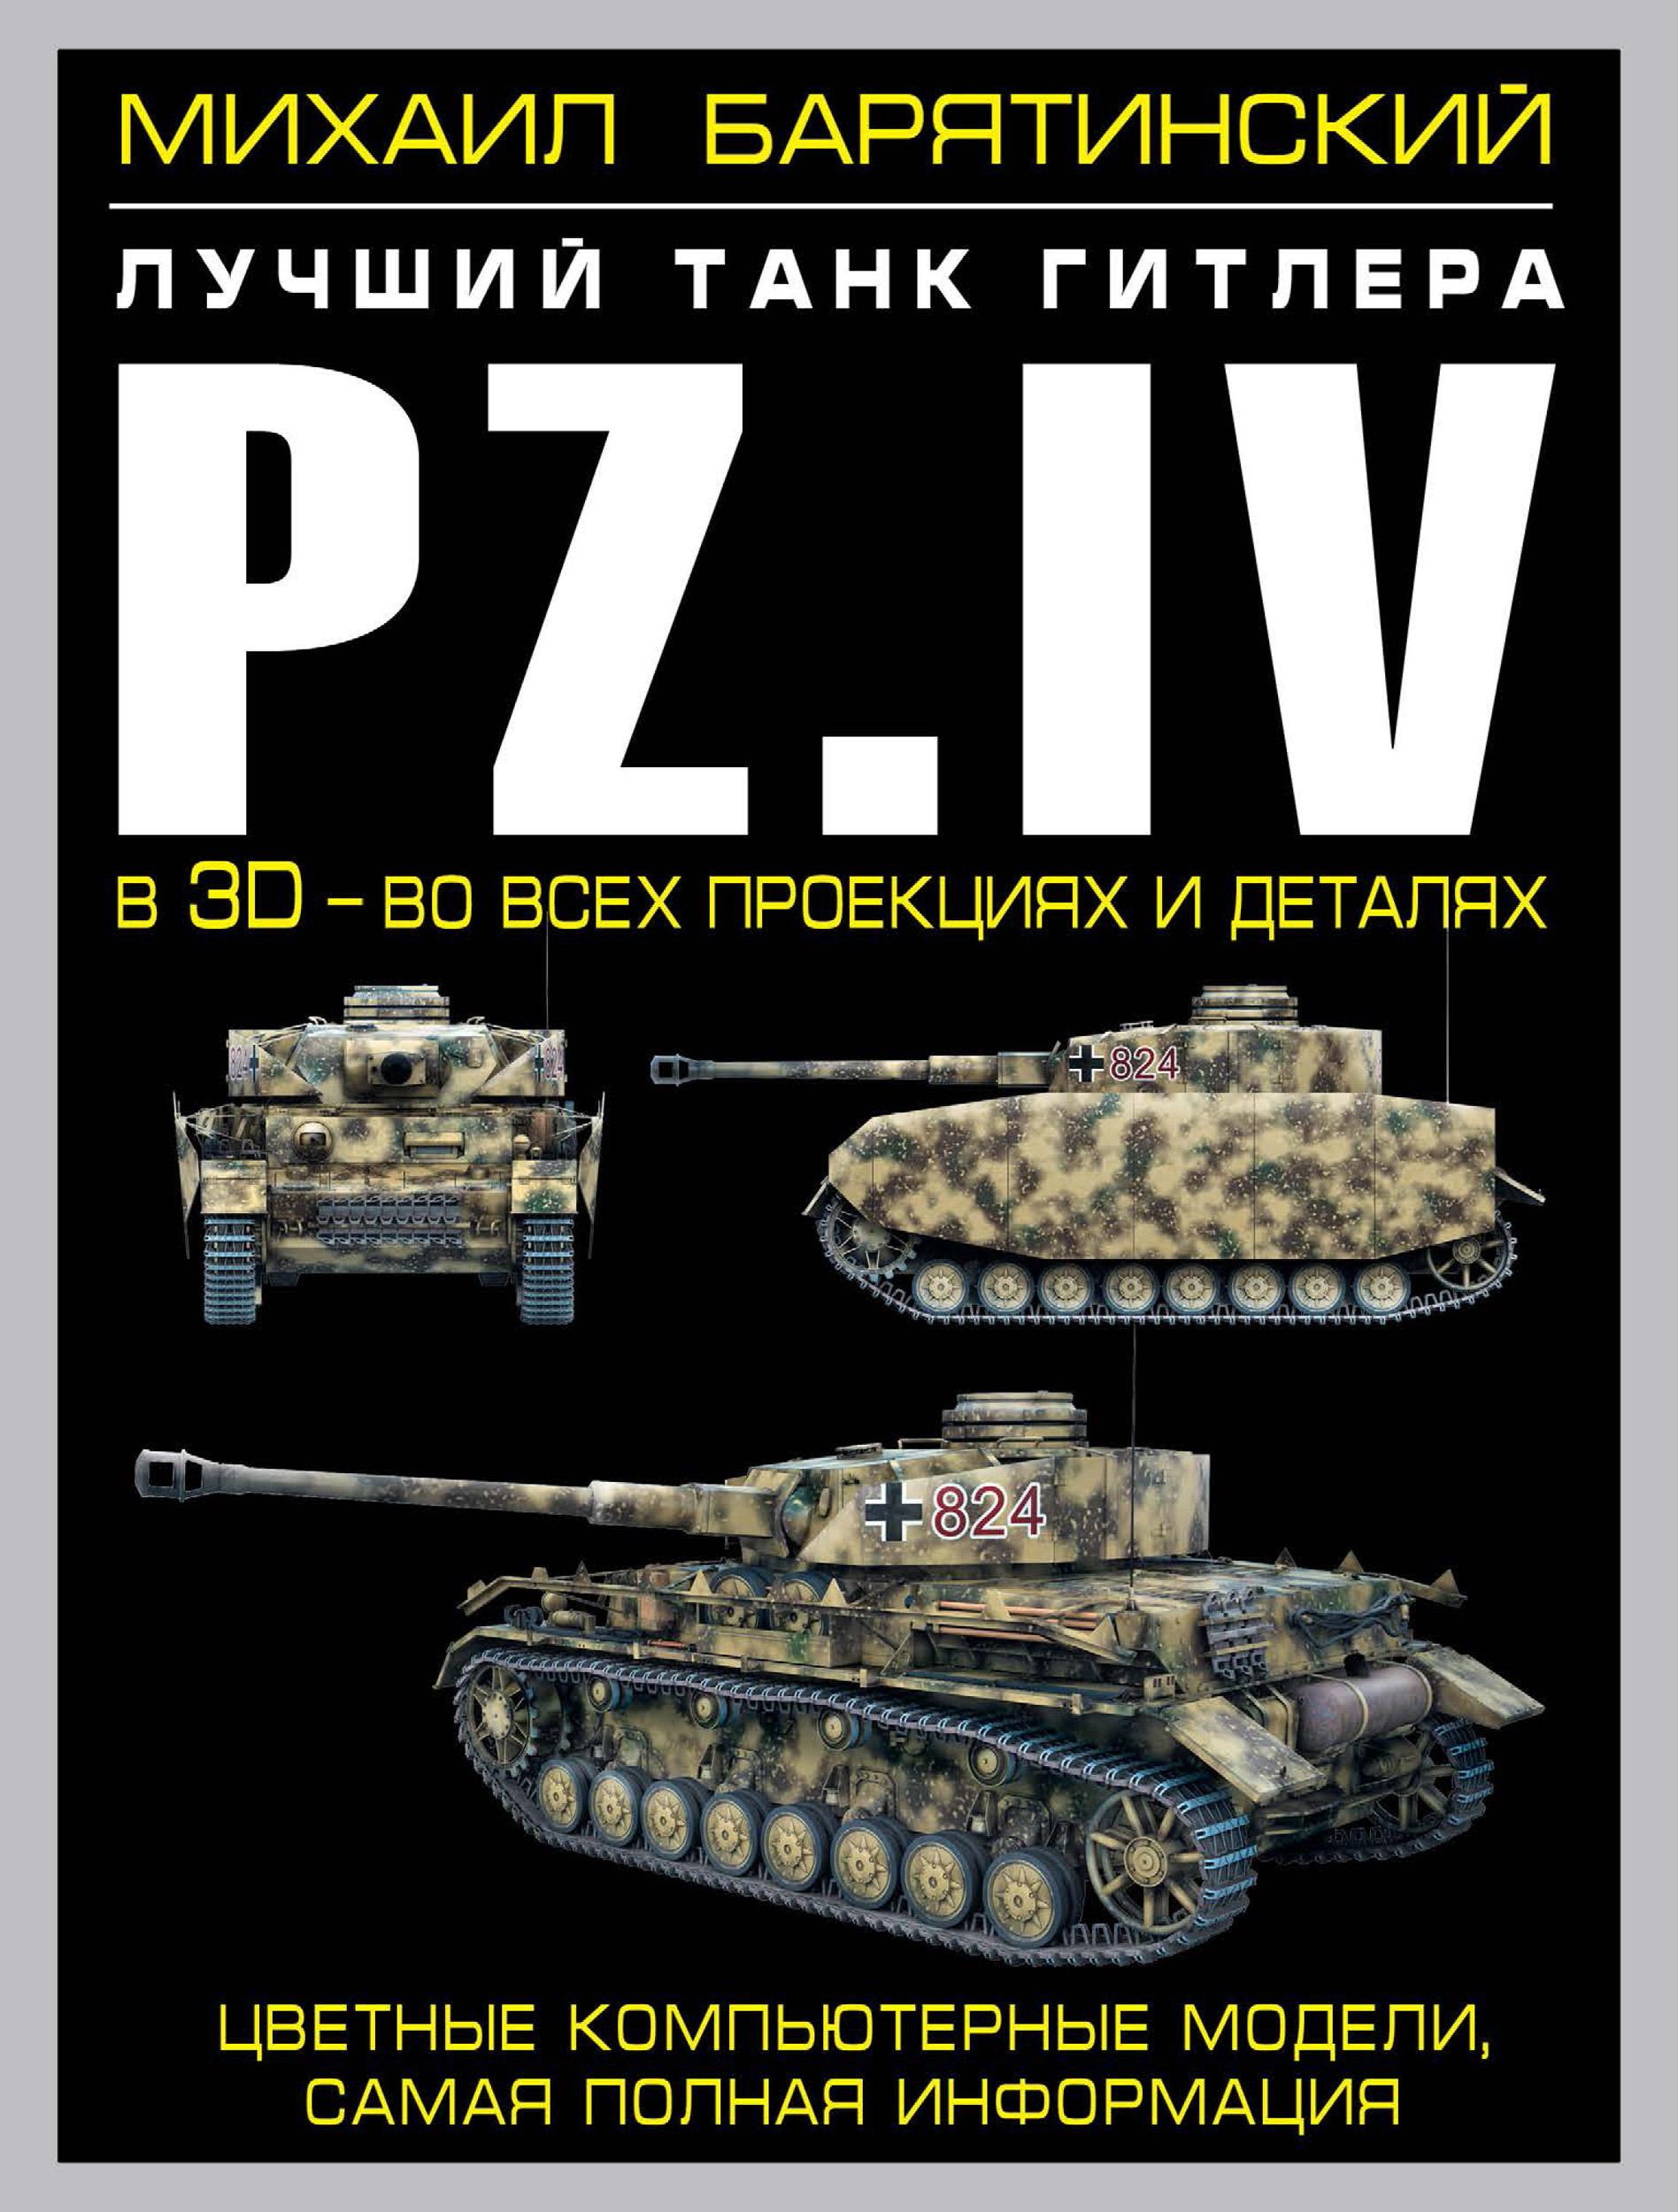 Pz.IV.Лучший танк Гитлера в 3D – во всех проекциях и деталях